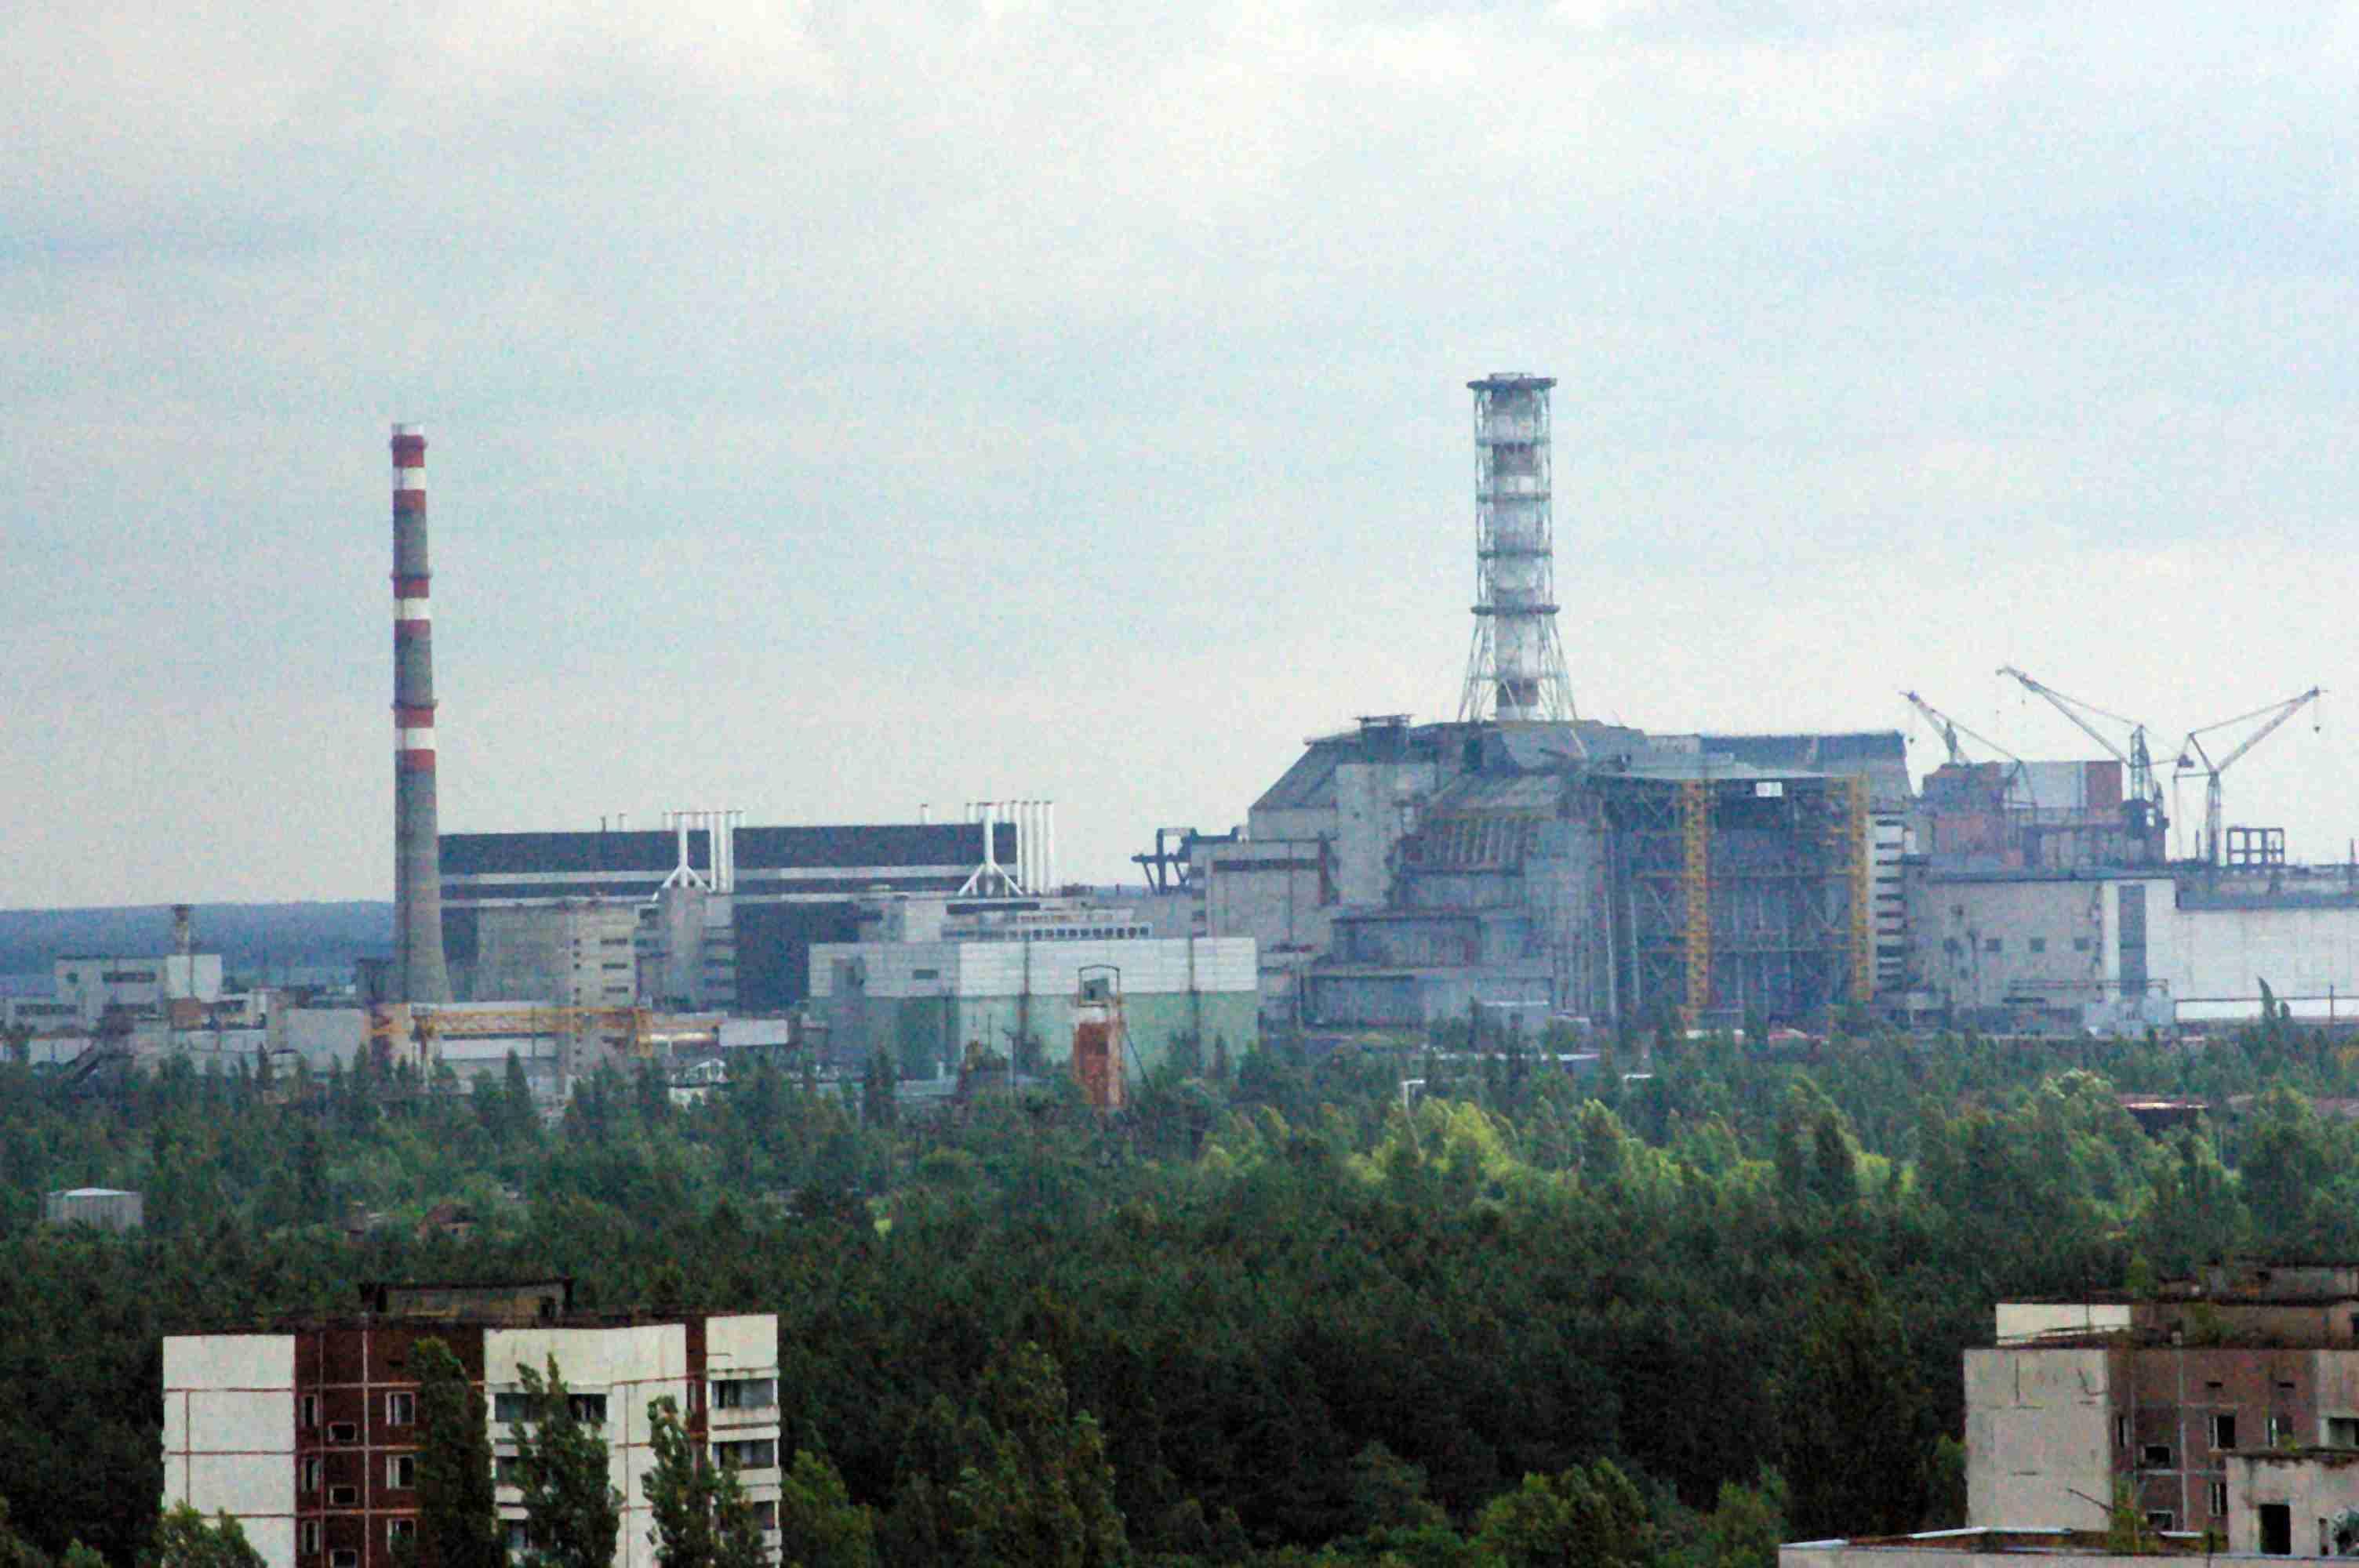 chernobyl_npp.jpg